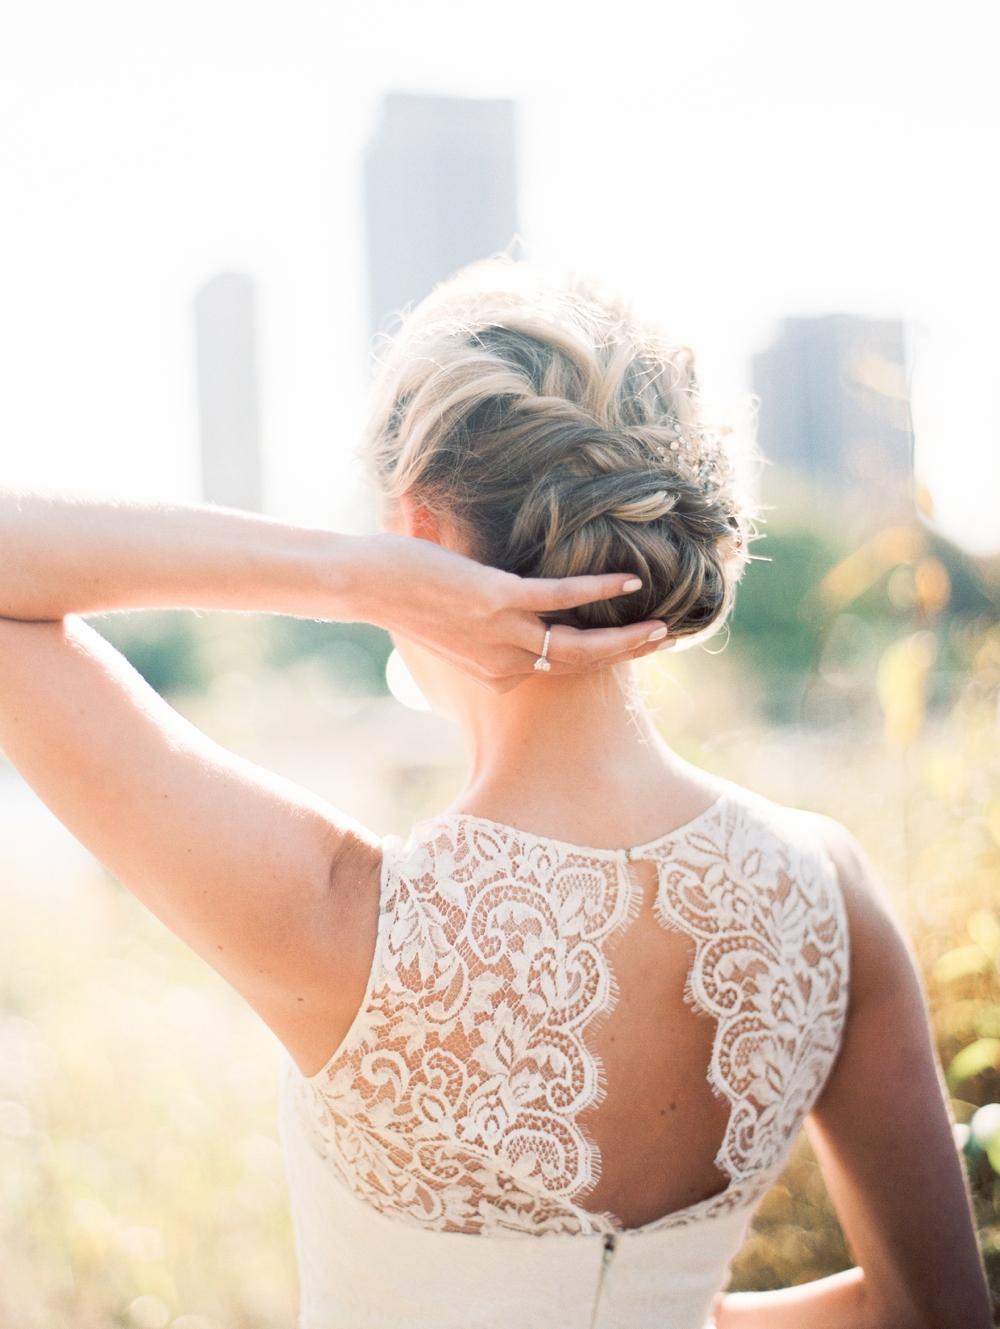 kristin-la-voie-photography-bridgeport-art-center-wedding-chicago-wedding-photographer-82.jpg